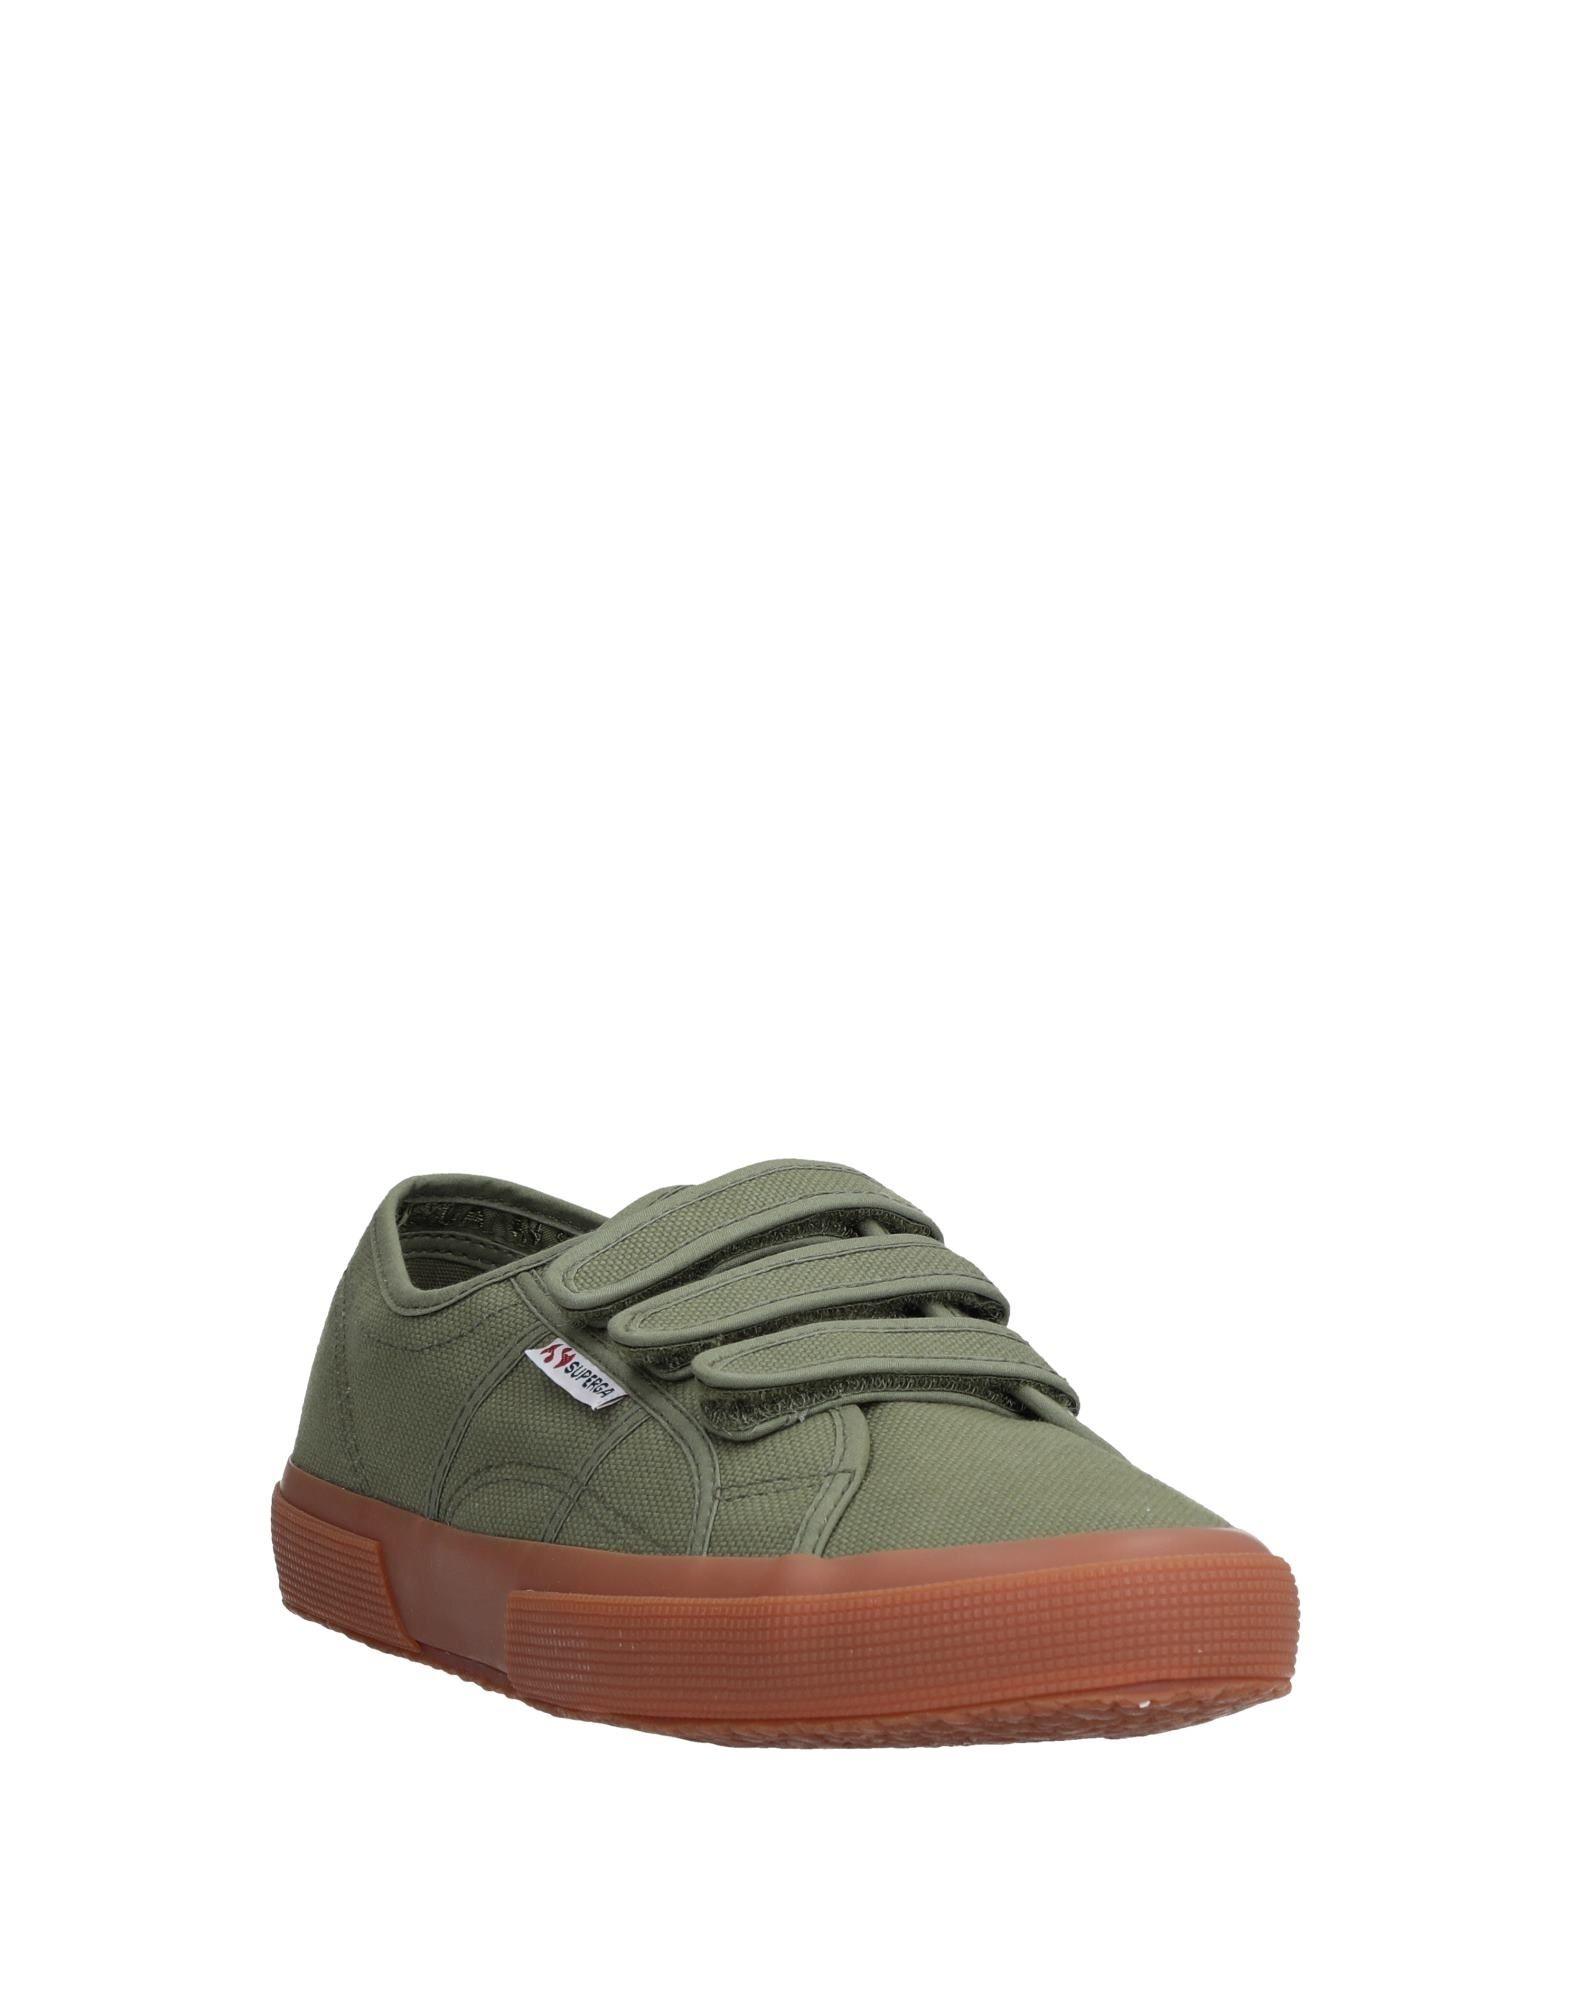 11544384RK Superga® Sneakers Herren  11544384RK  aa7d47